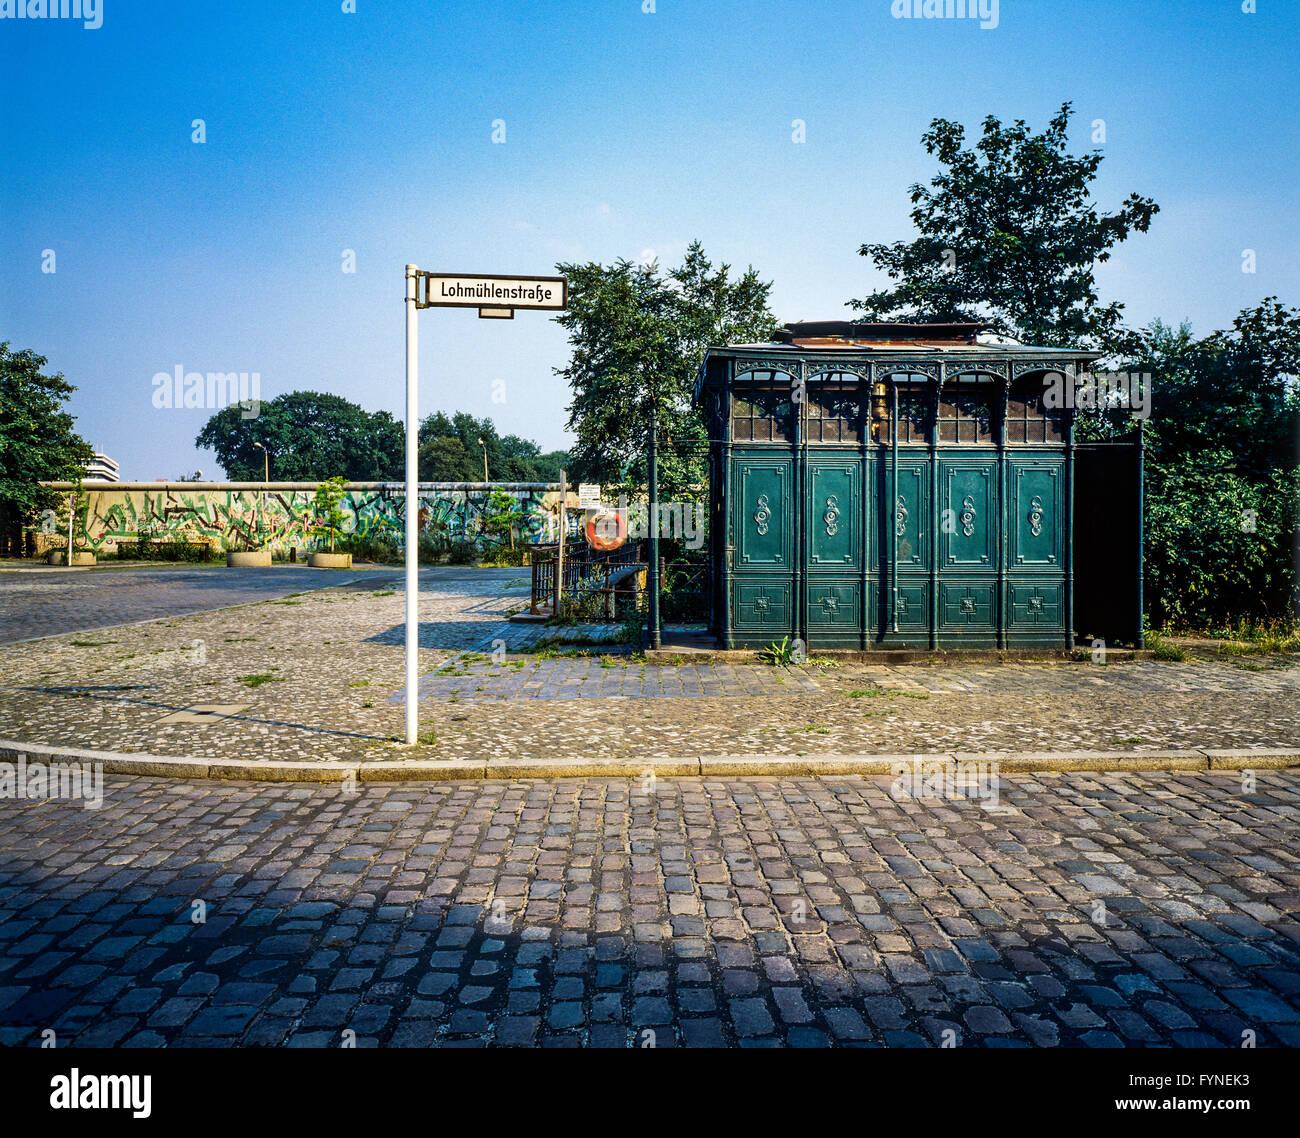 Agosto 1986, antica wc pubblico 1899, il muro di Berlino graffitis, Lohmühlenstrasse strada segno, Treptow, Immagini Stock